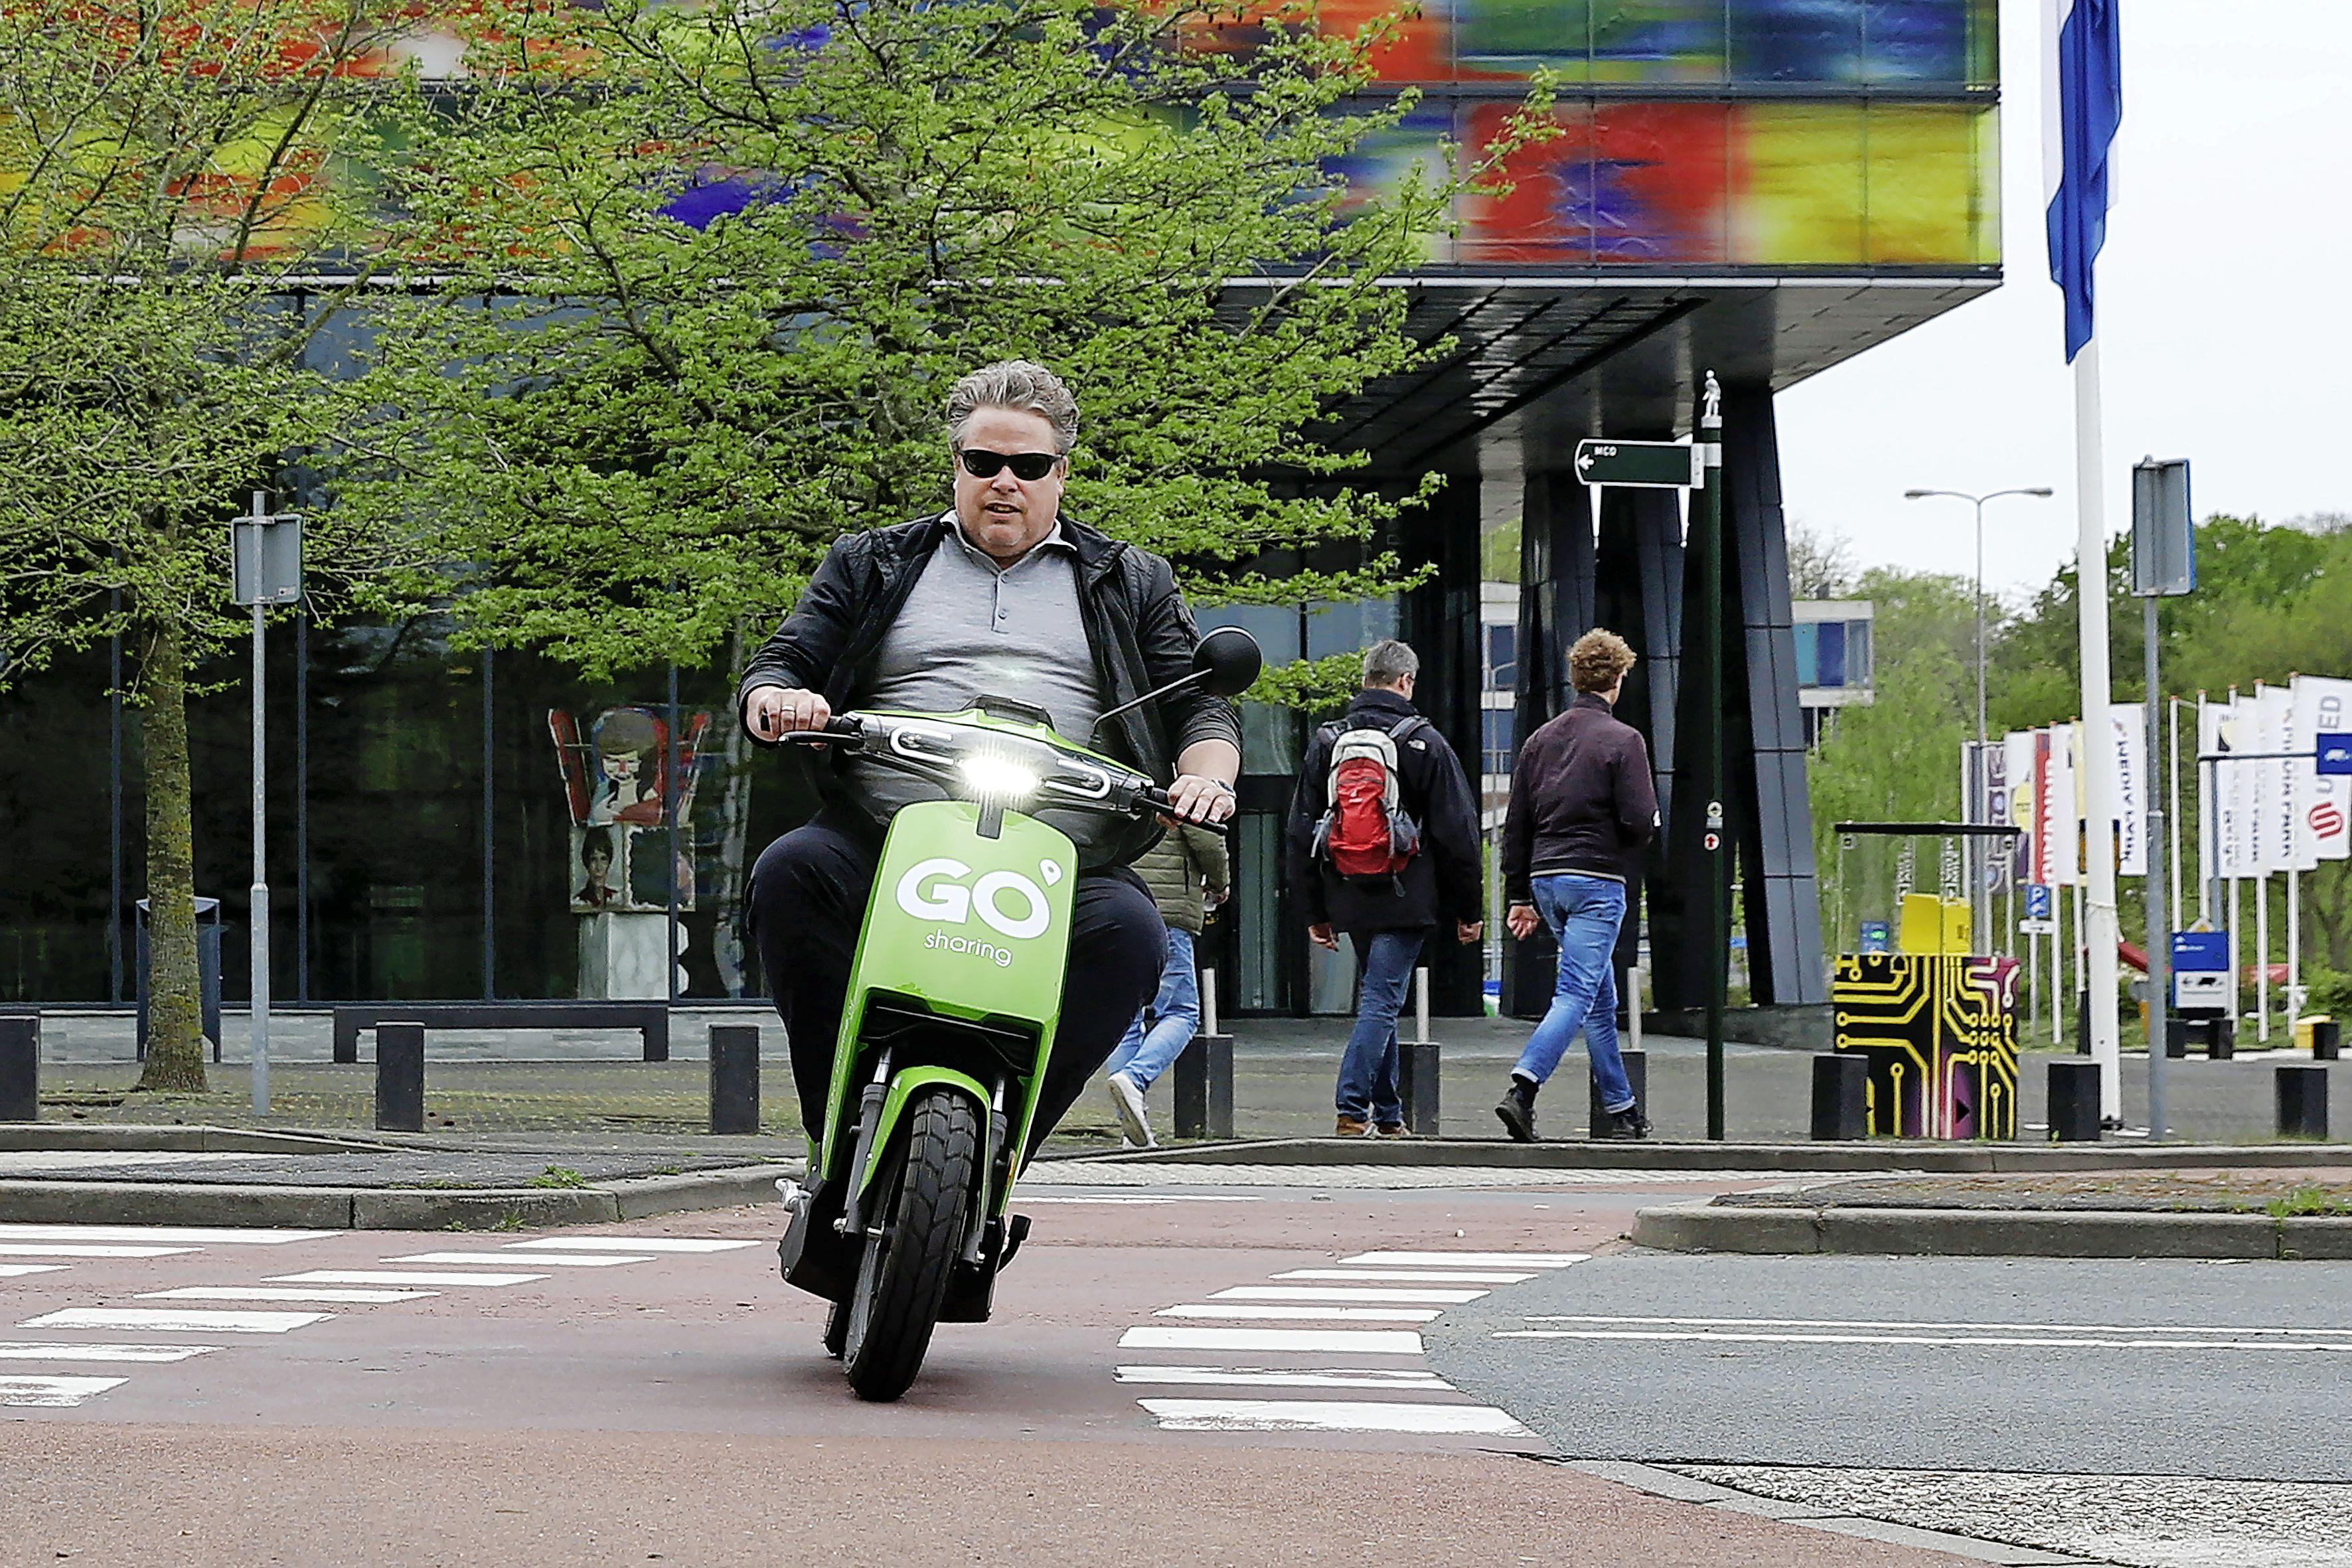 'Groene scootertjes zijn fijn, maar er moet wel iets gebeuren rond het parkeren', lezers van De Gooi- en Eemlander verdeeld over GO Sharing